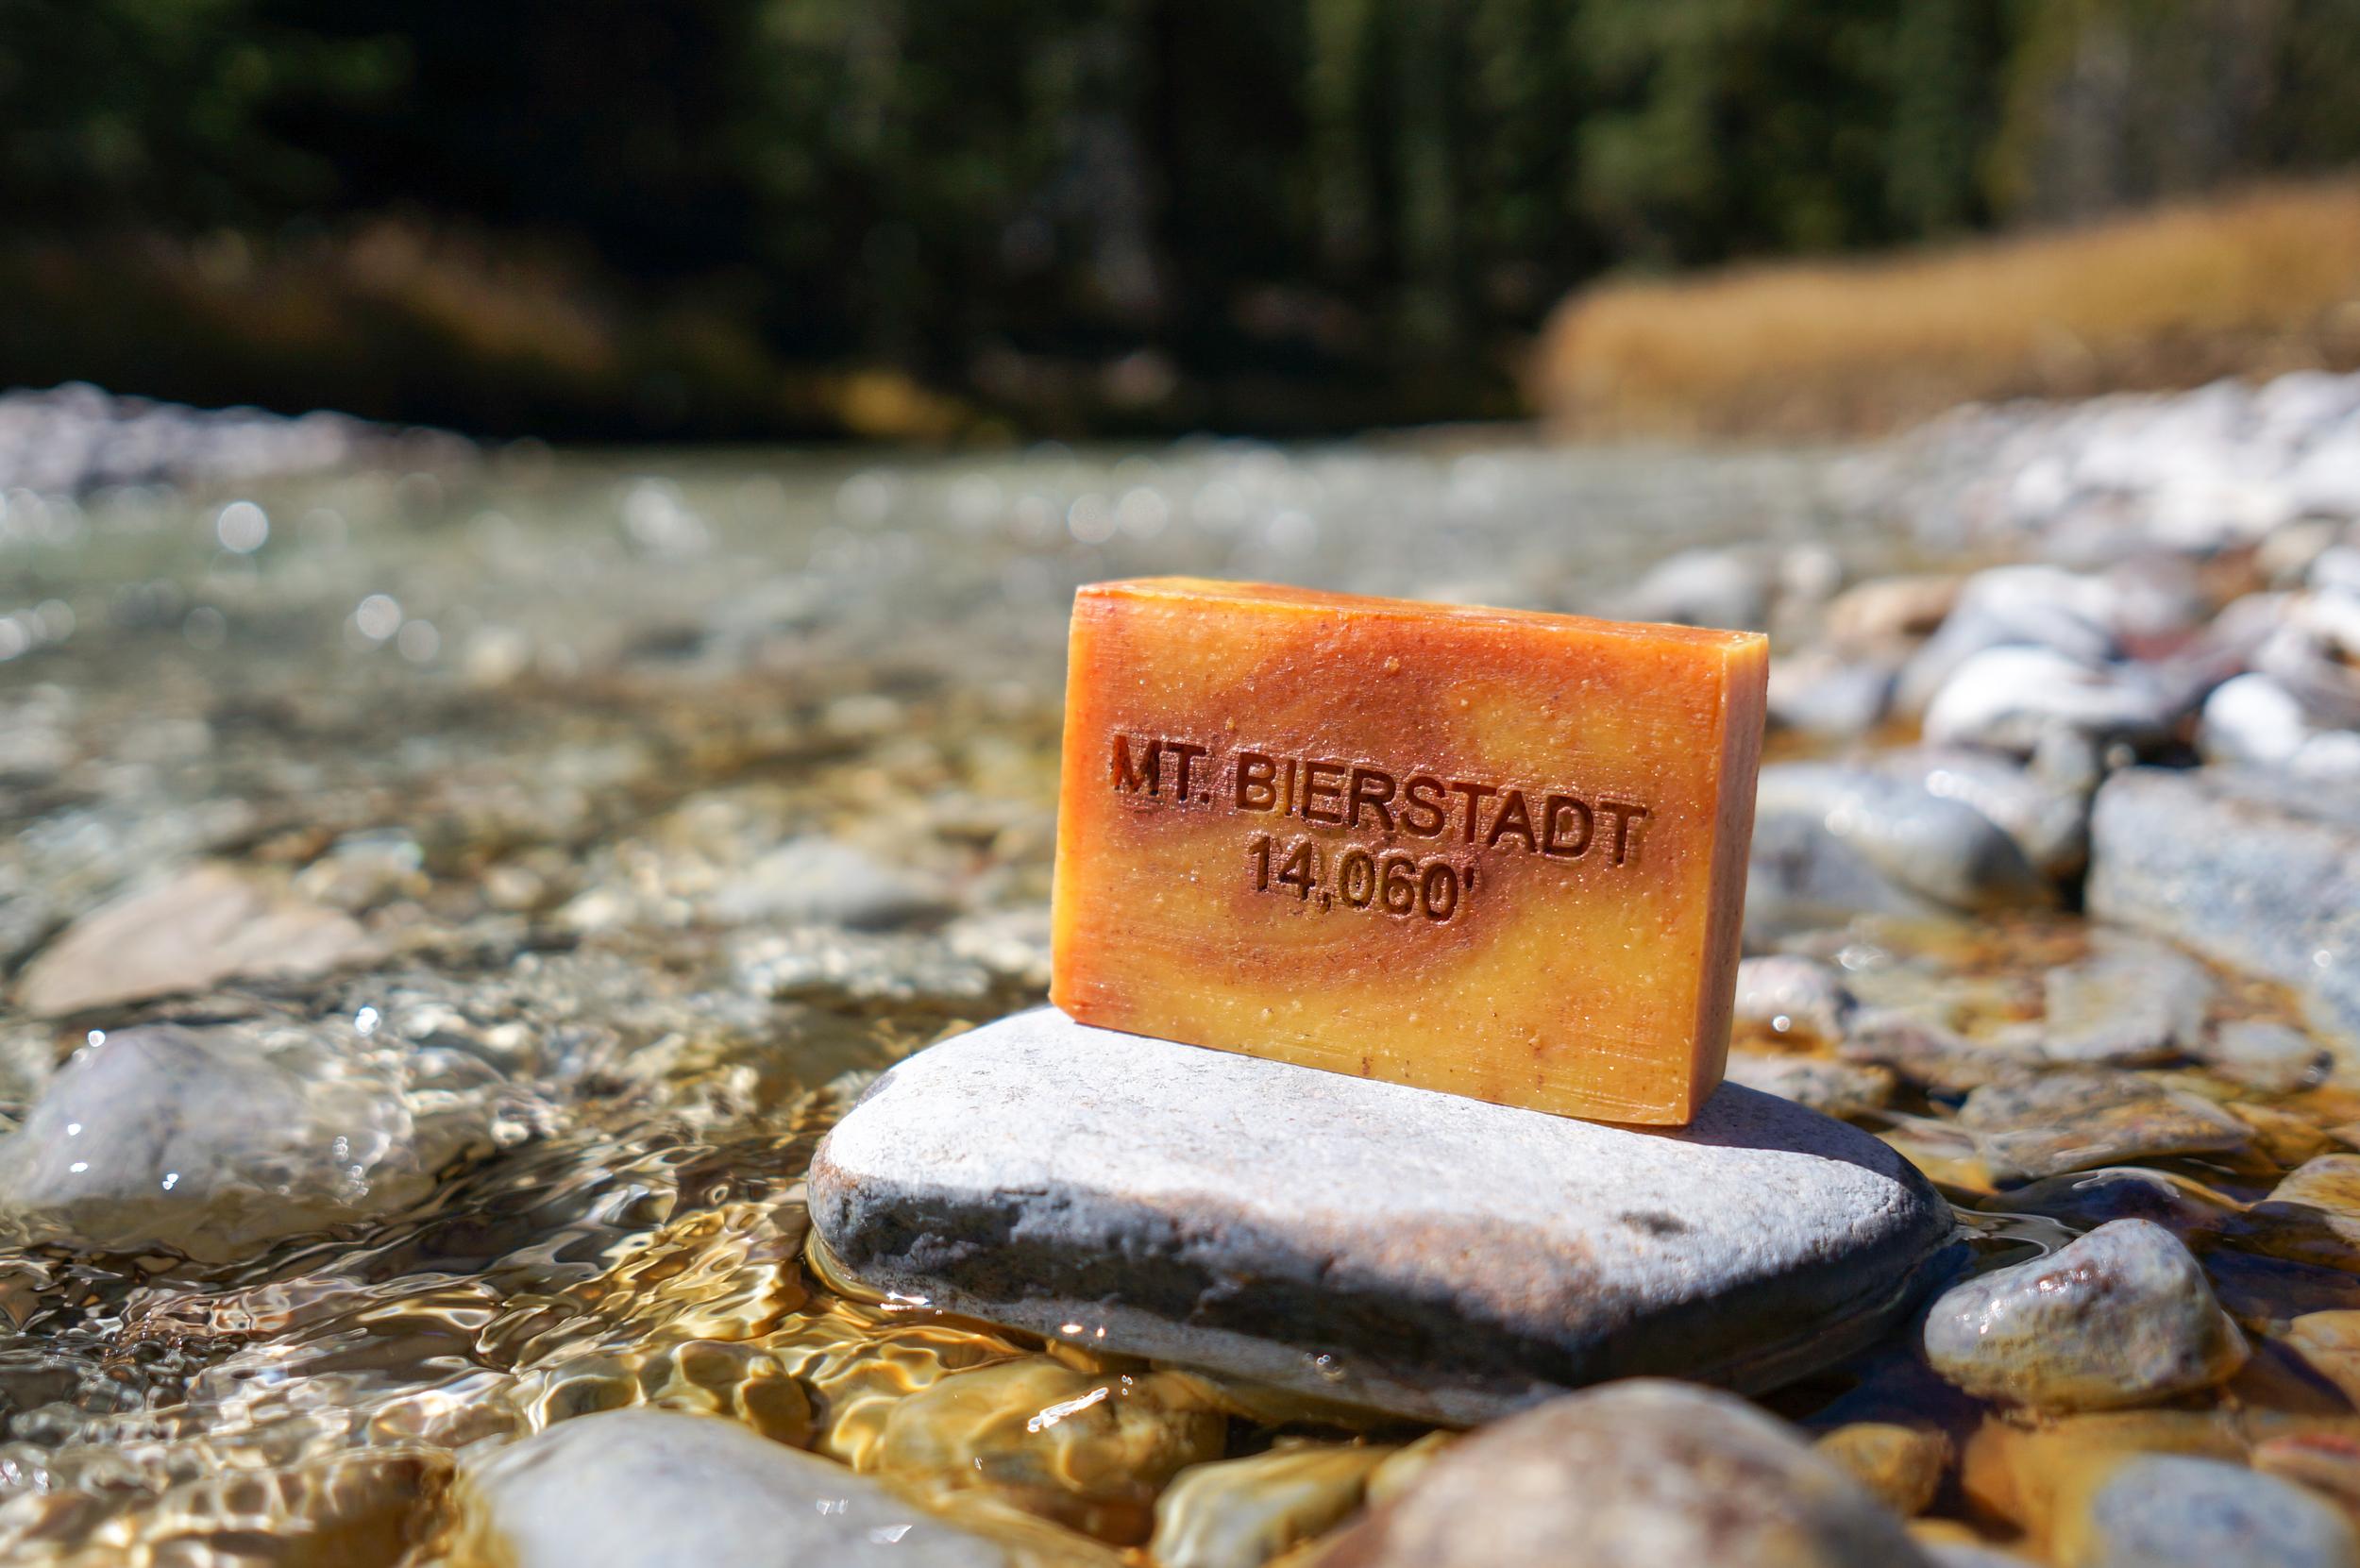 Mt. Bierstadt Soap